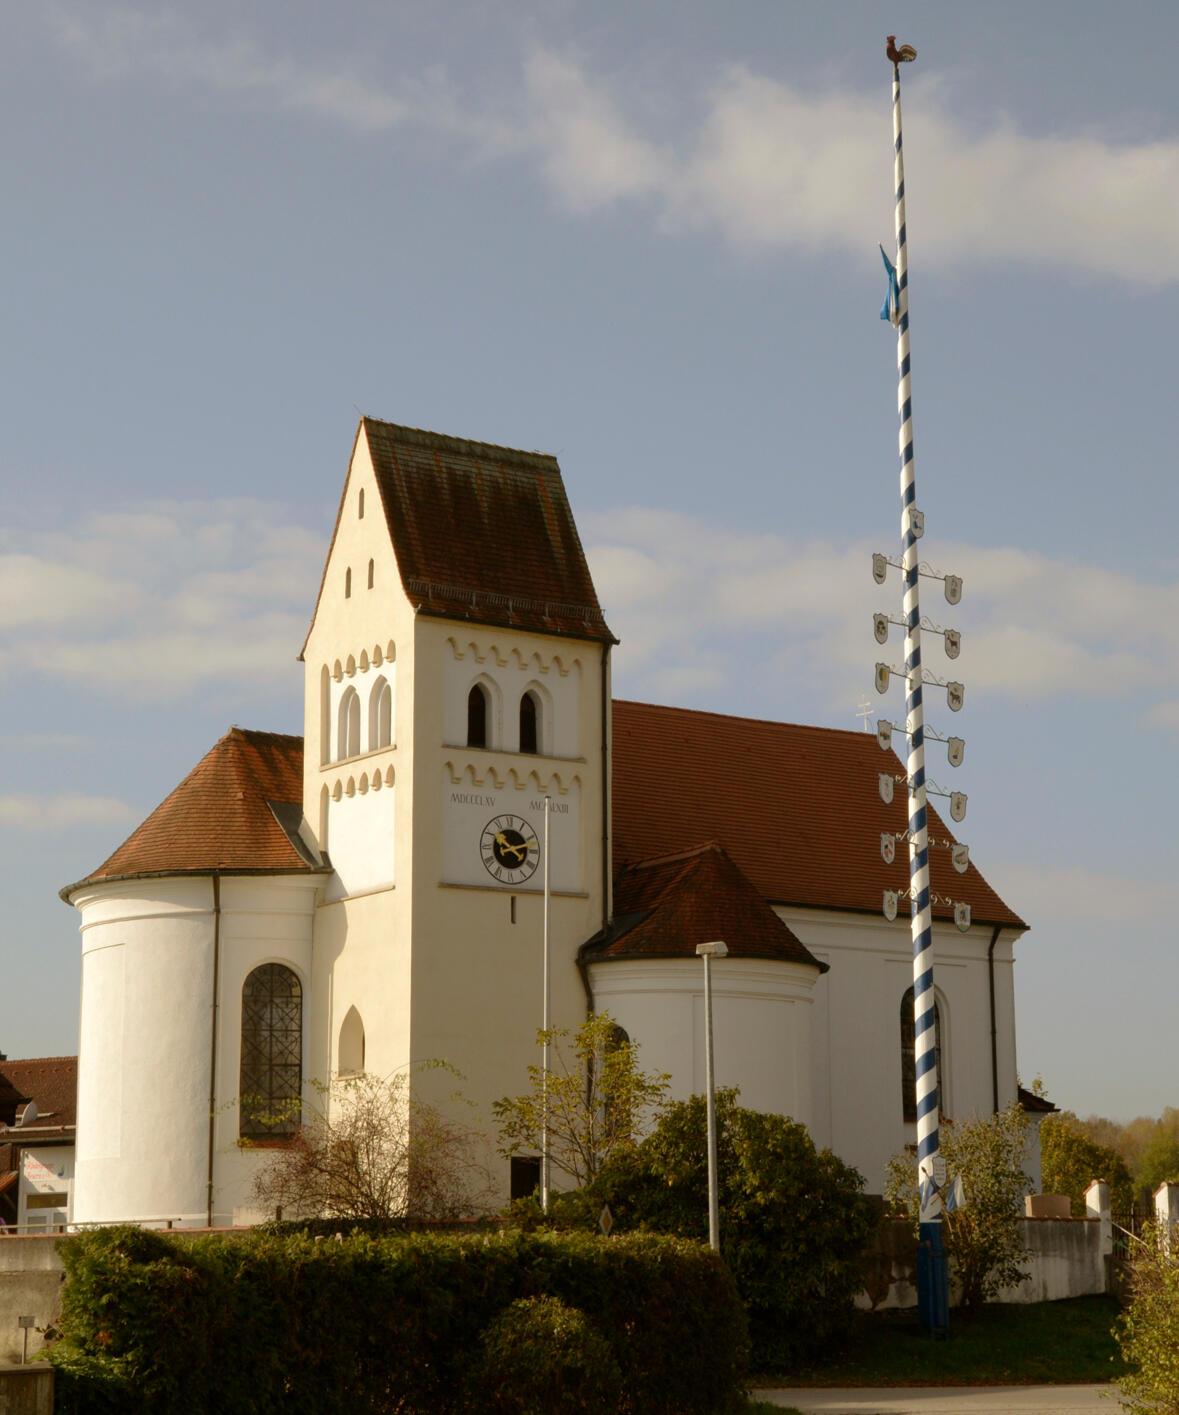 02_Kirche Beuern außen1910